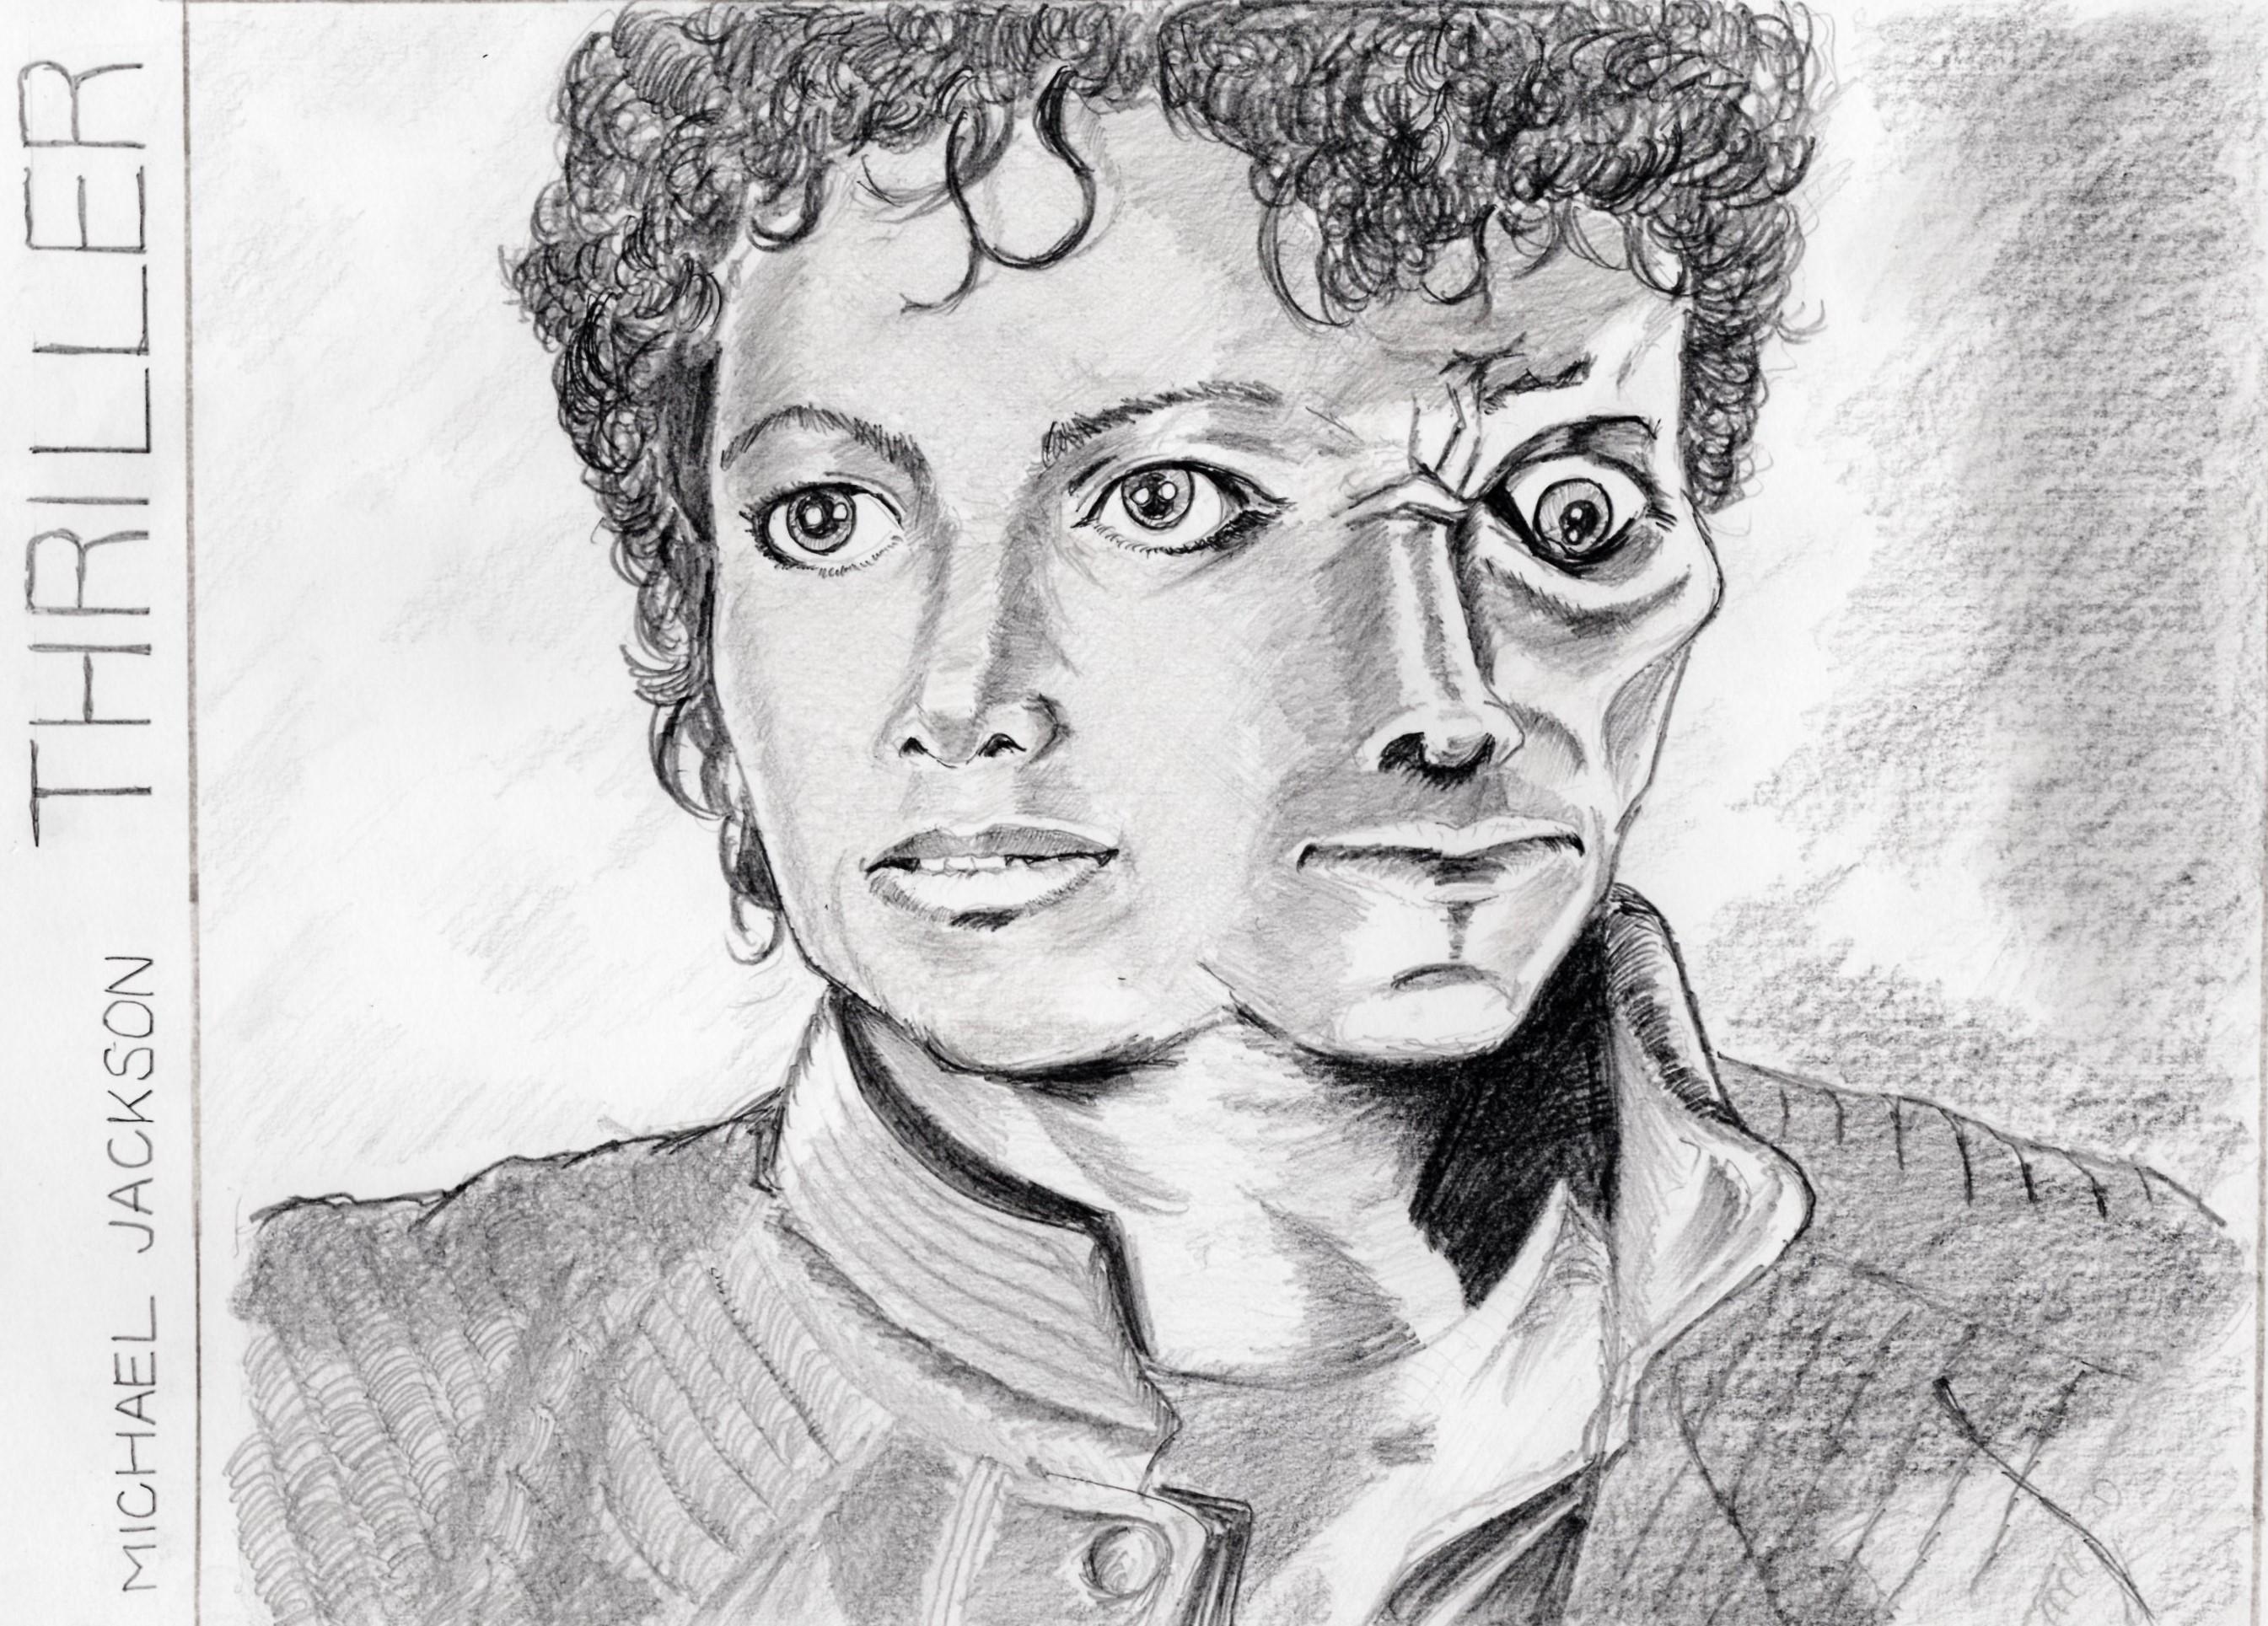 マイケルジャクソン「スリラー」鉛筆画似顔絵